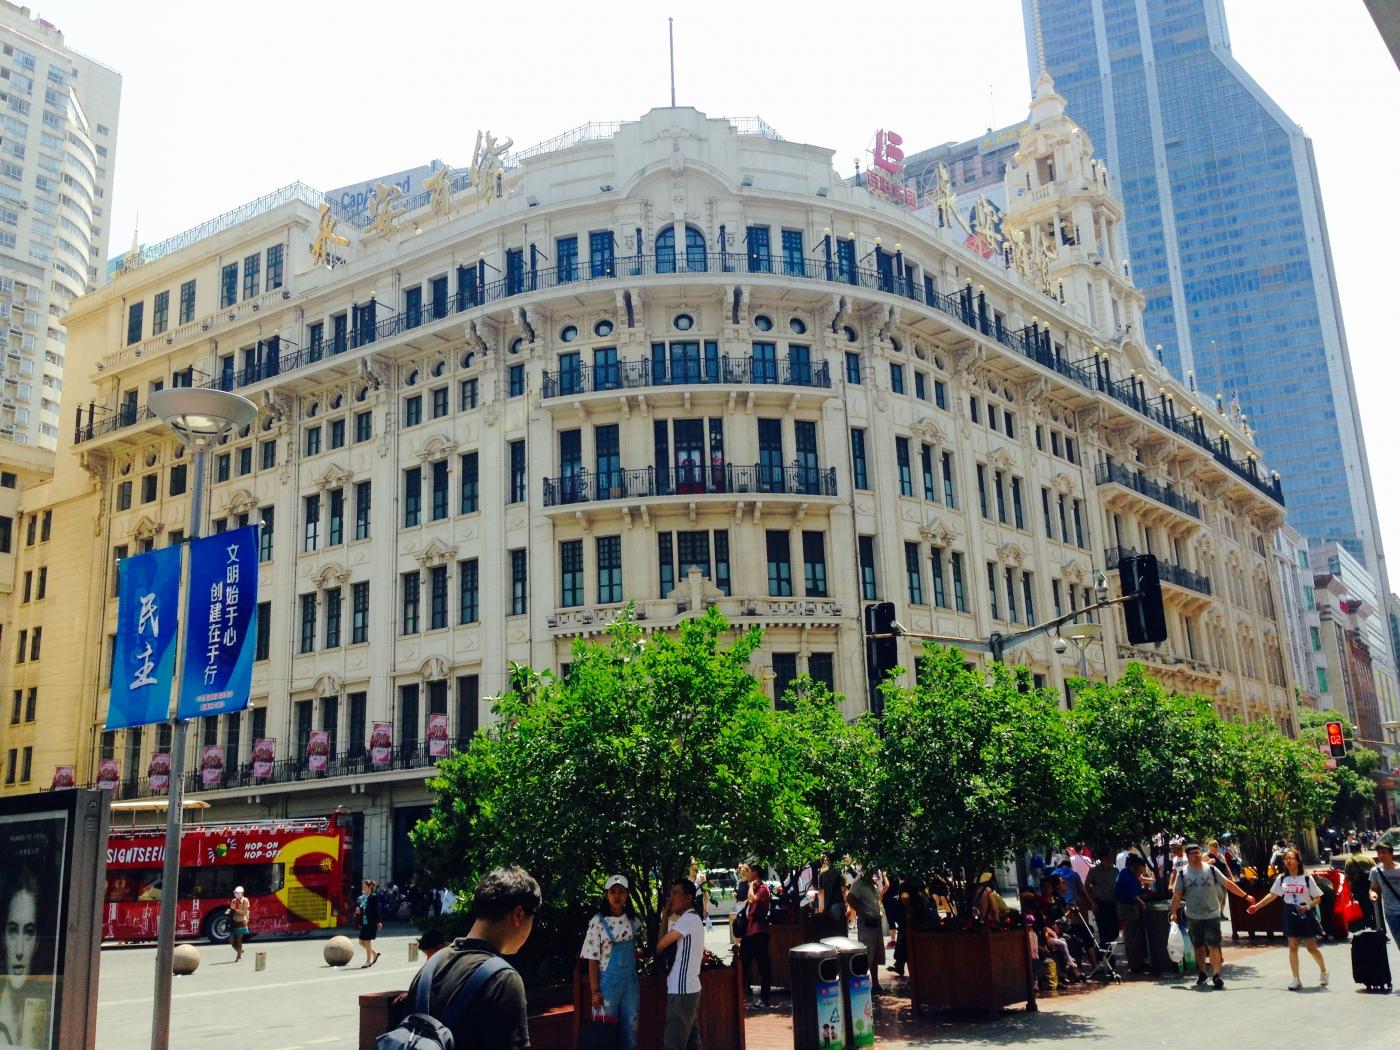 闲逛上海看街景_图1-15